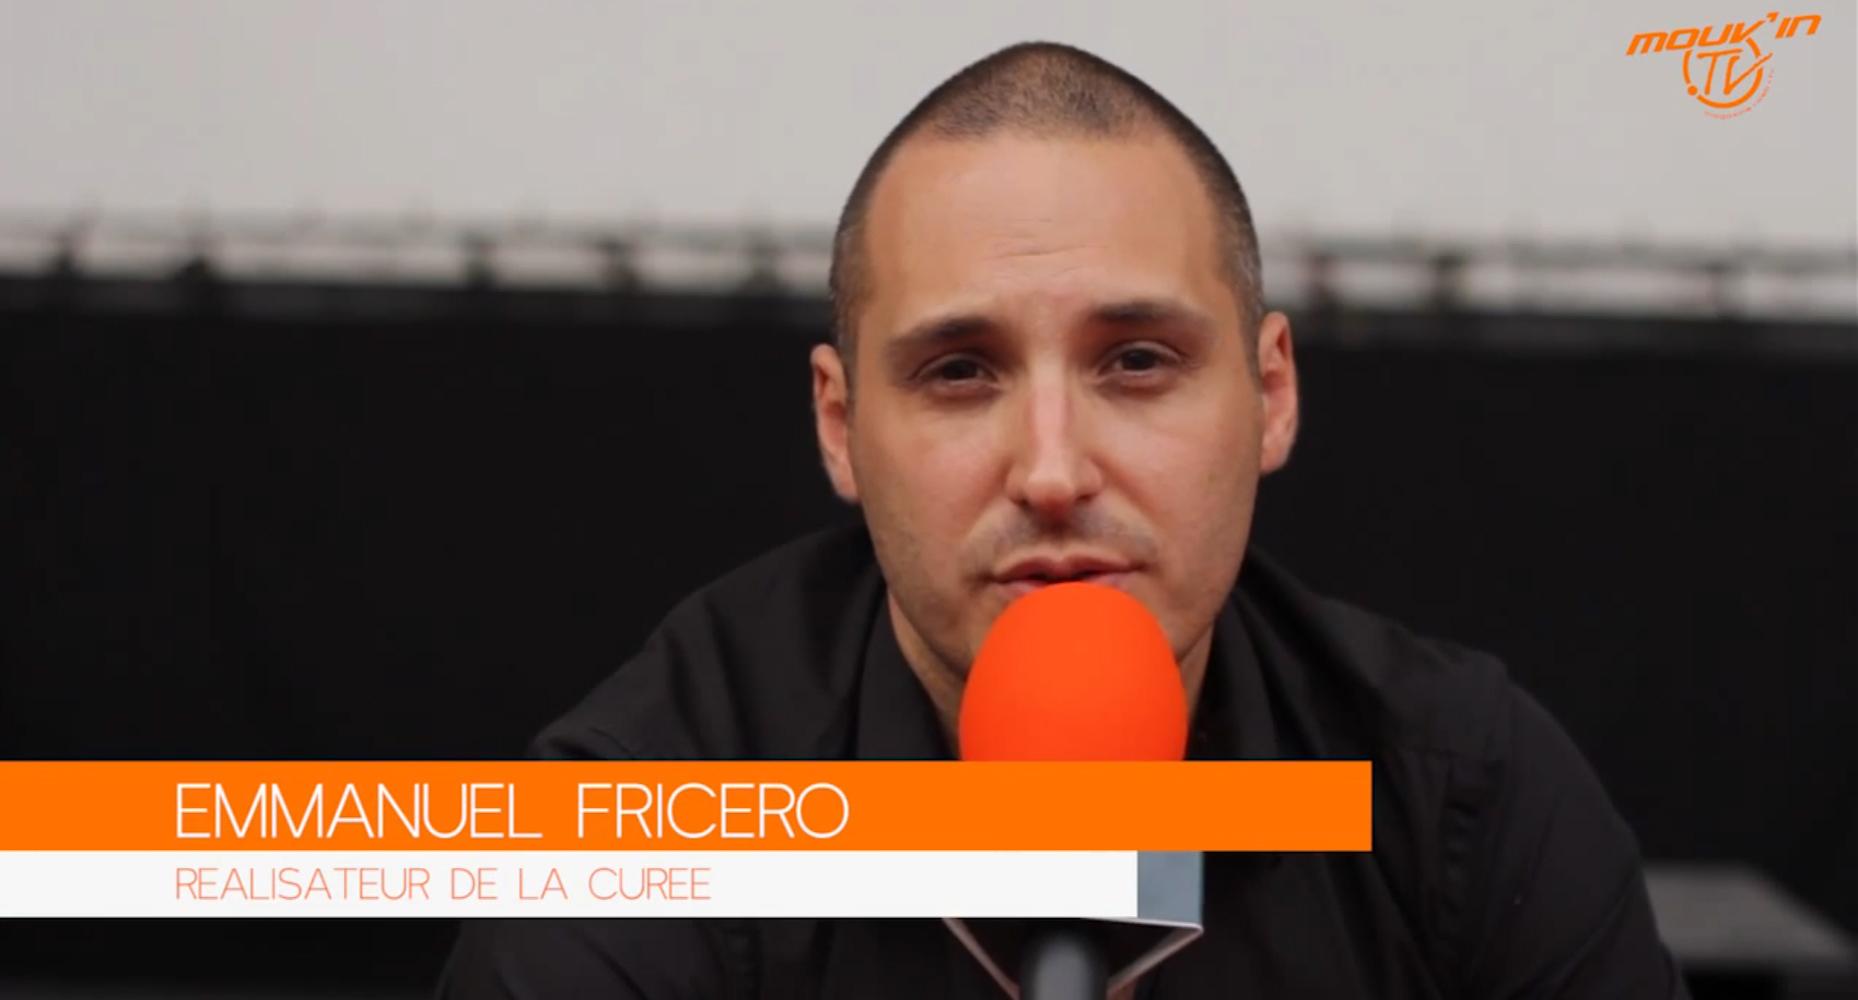 Emmanuel Fricero mouv'in tv